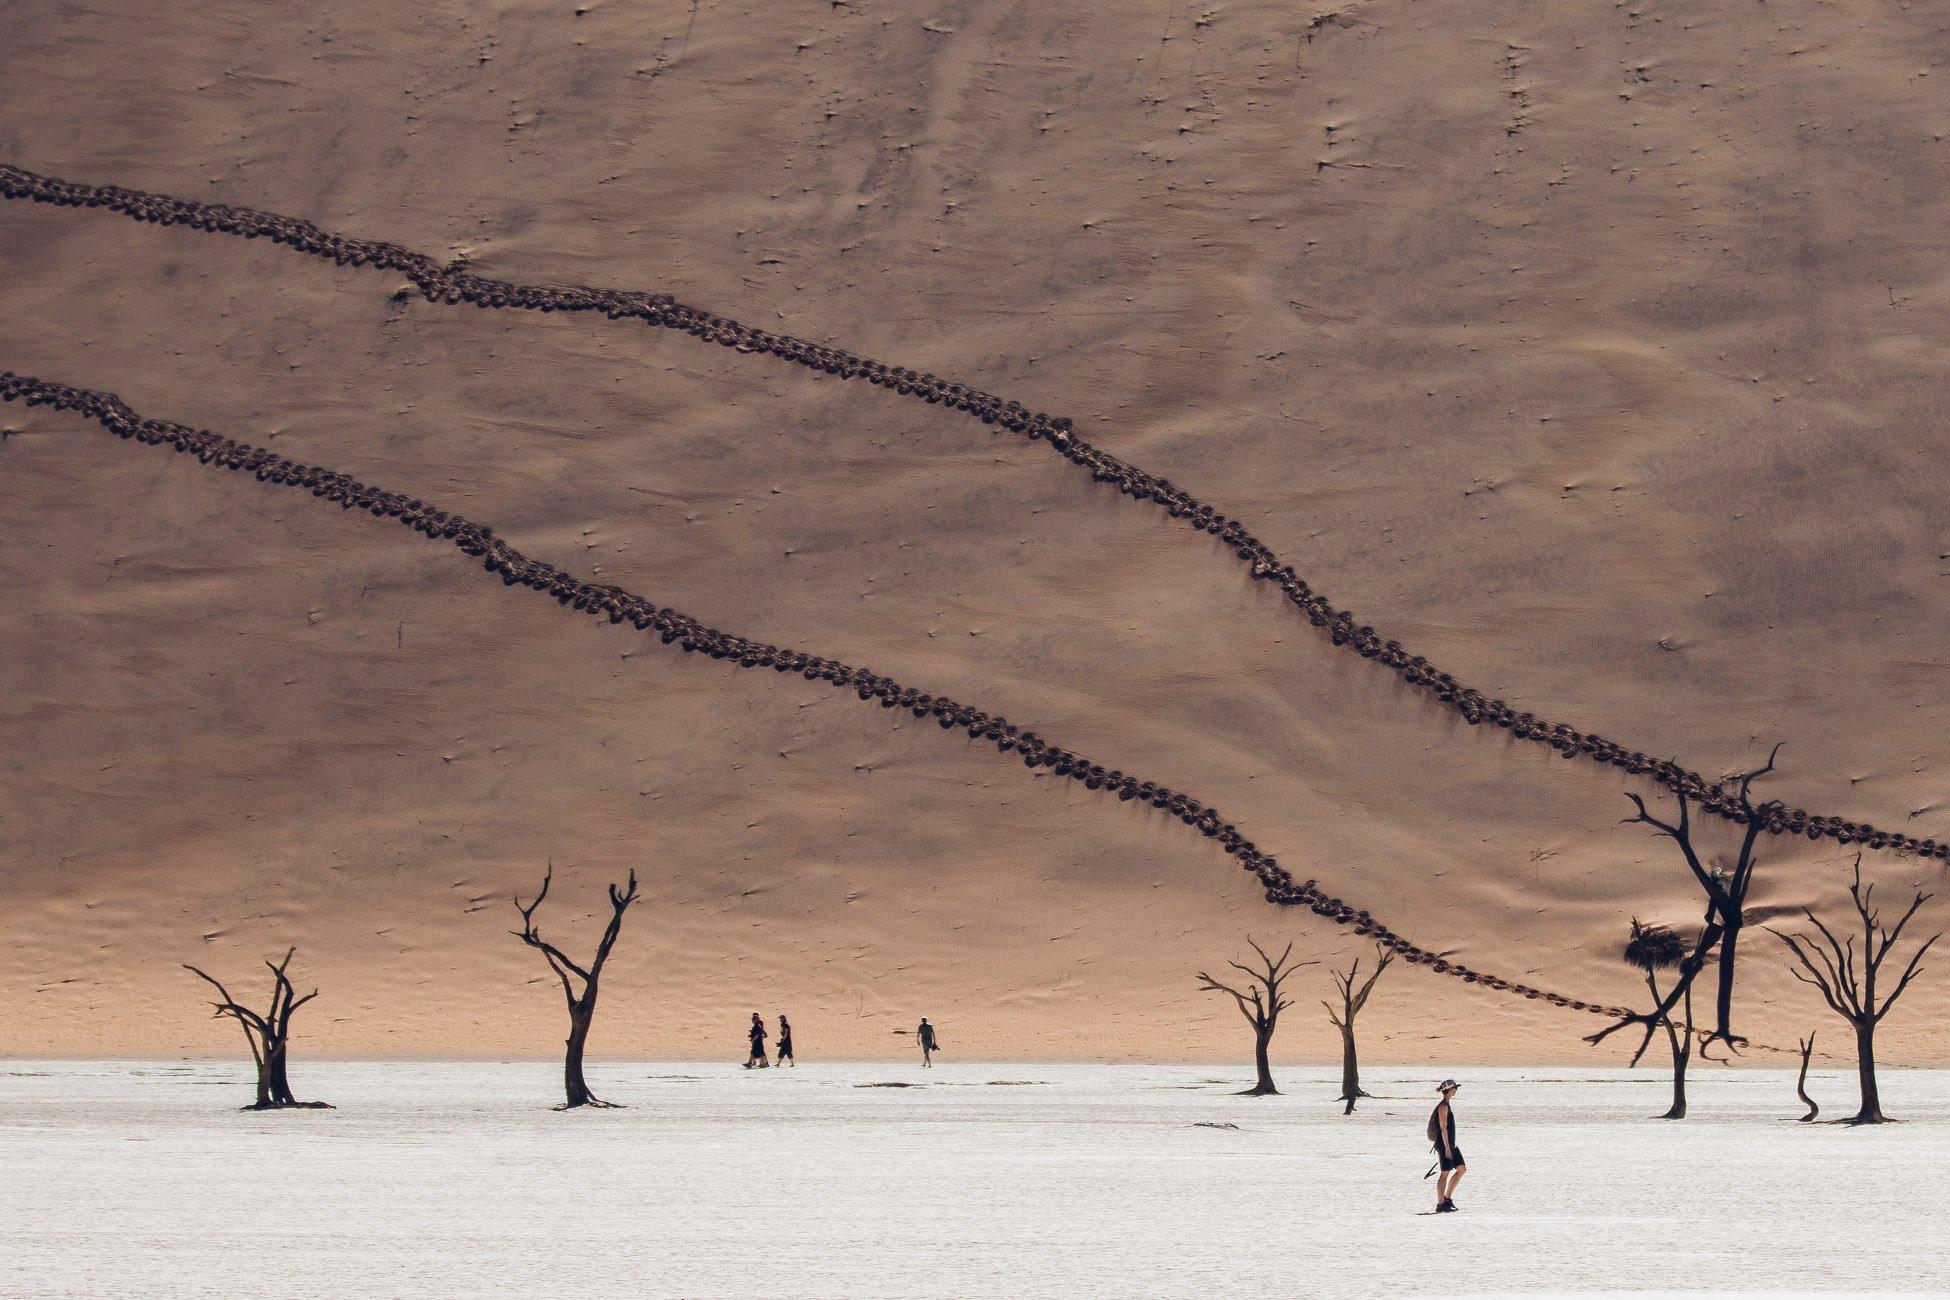 Sossuvlei Namibia